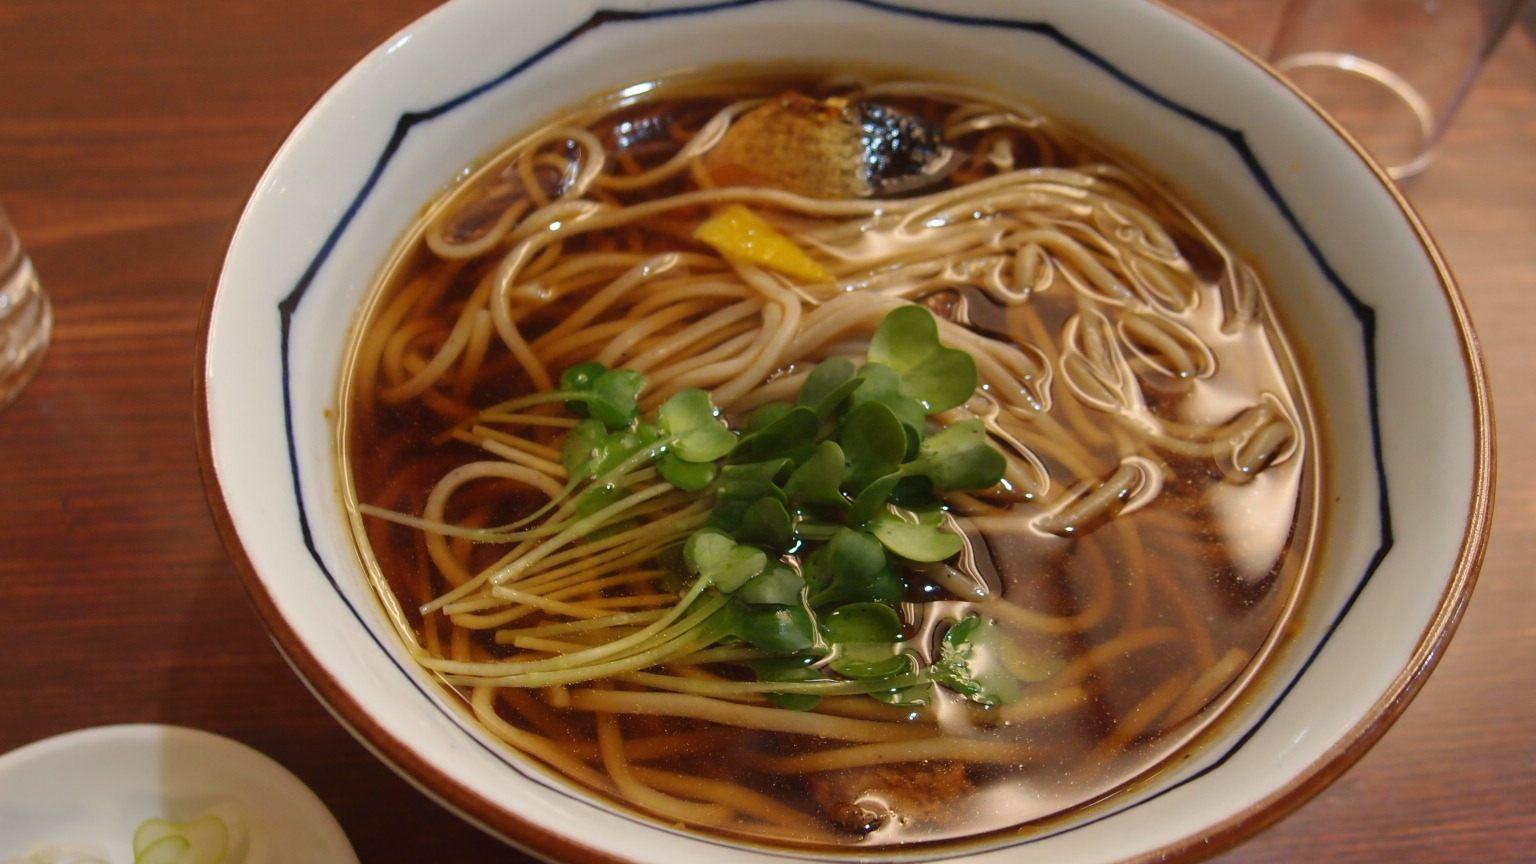 鲱鱼荞麦面(1100日圆)